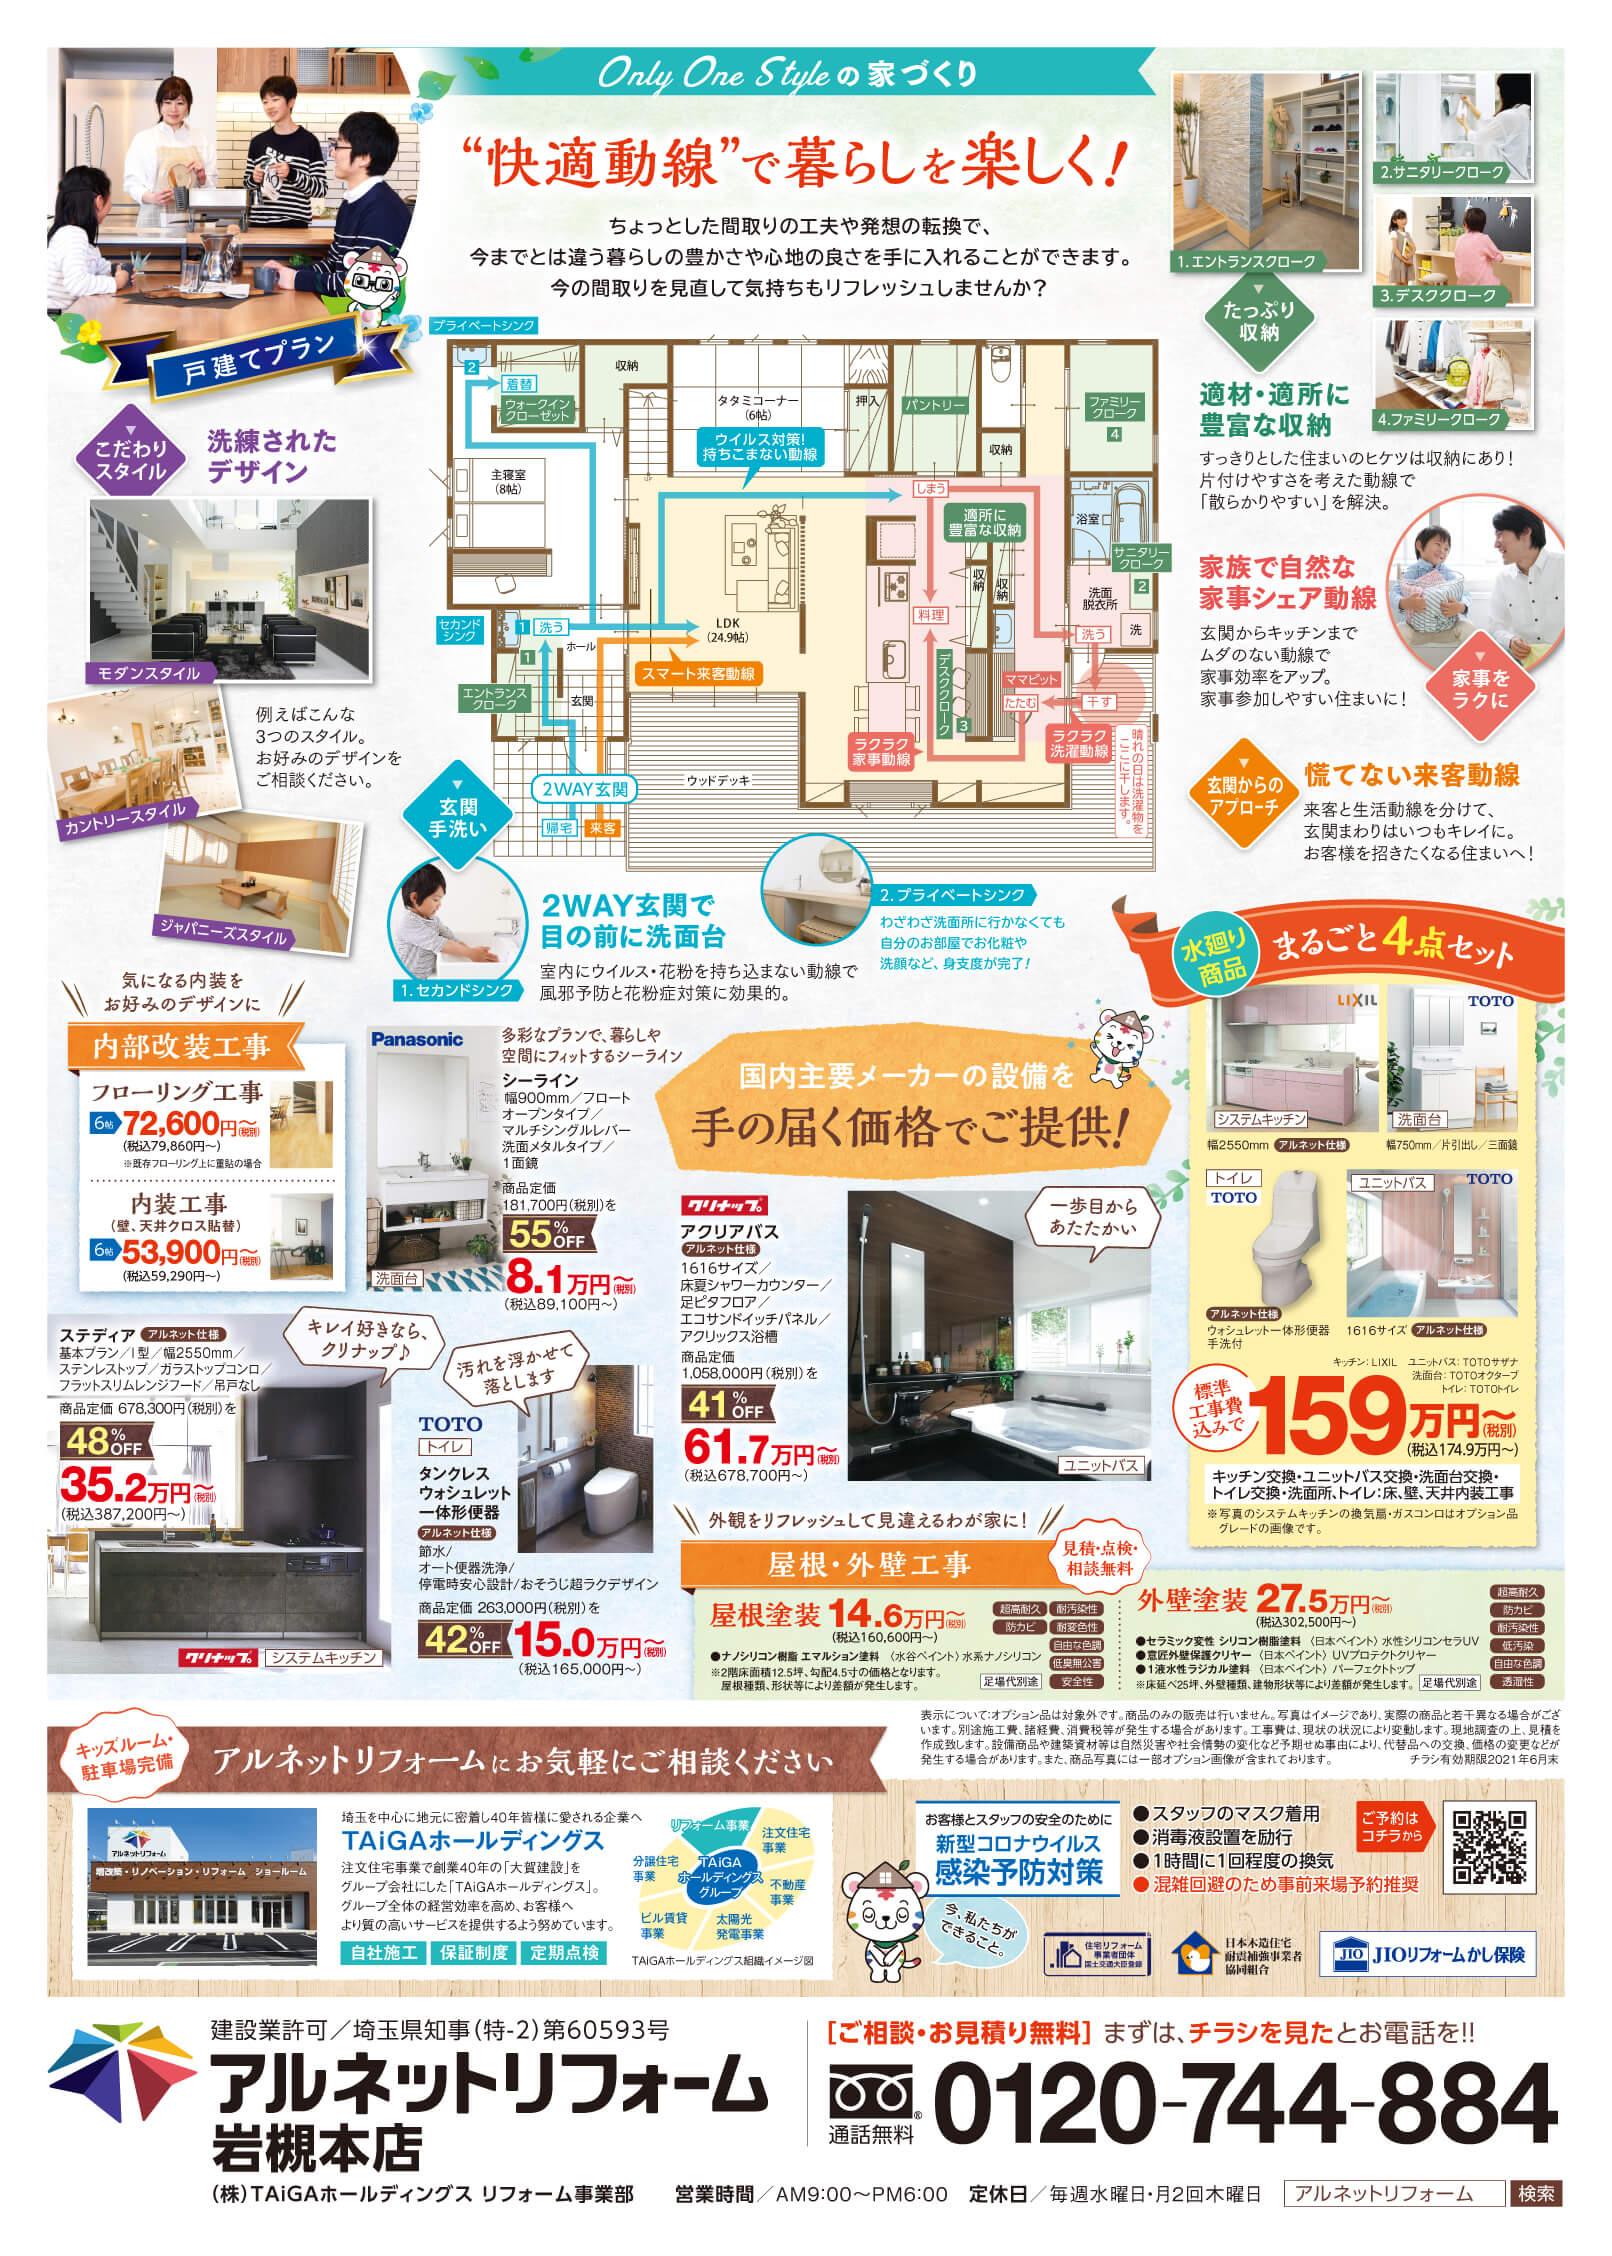 【岩槻本店】6月イベント開催!